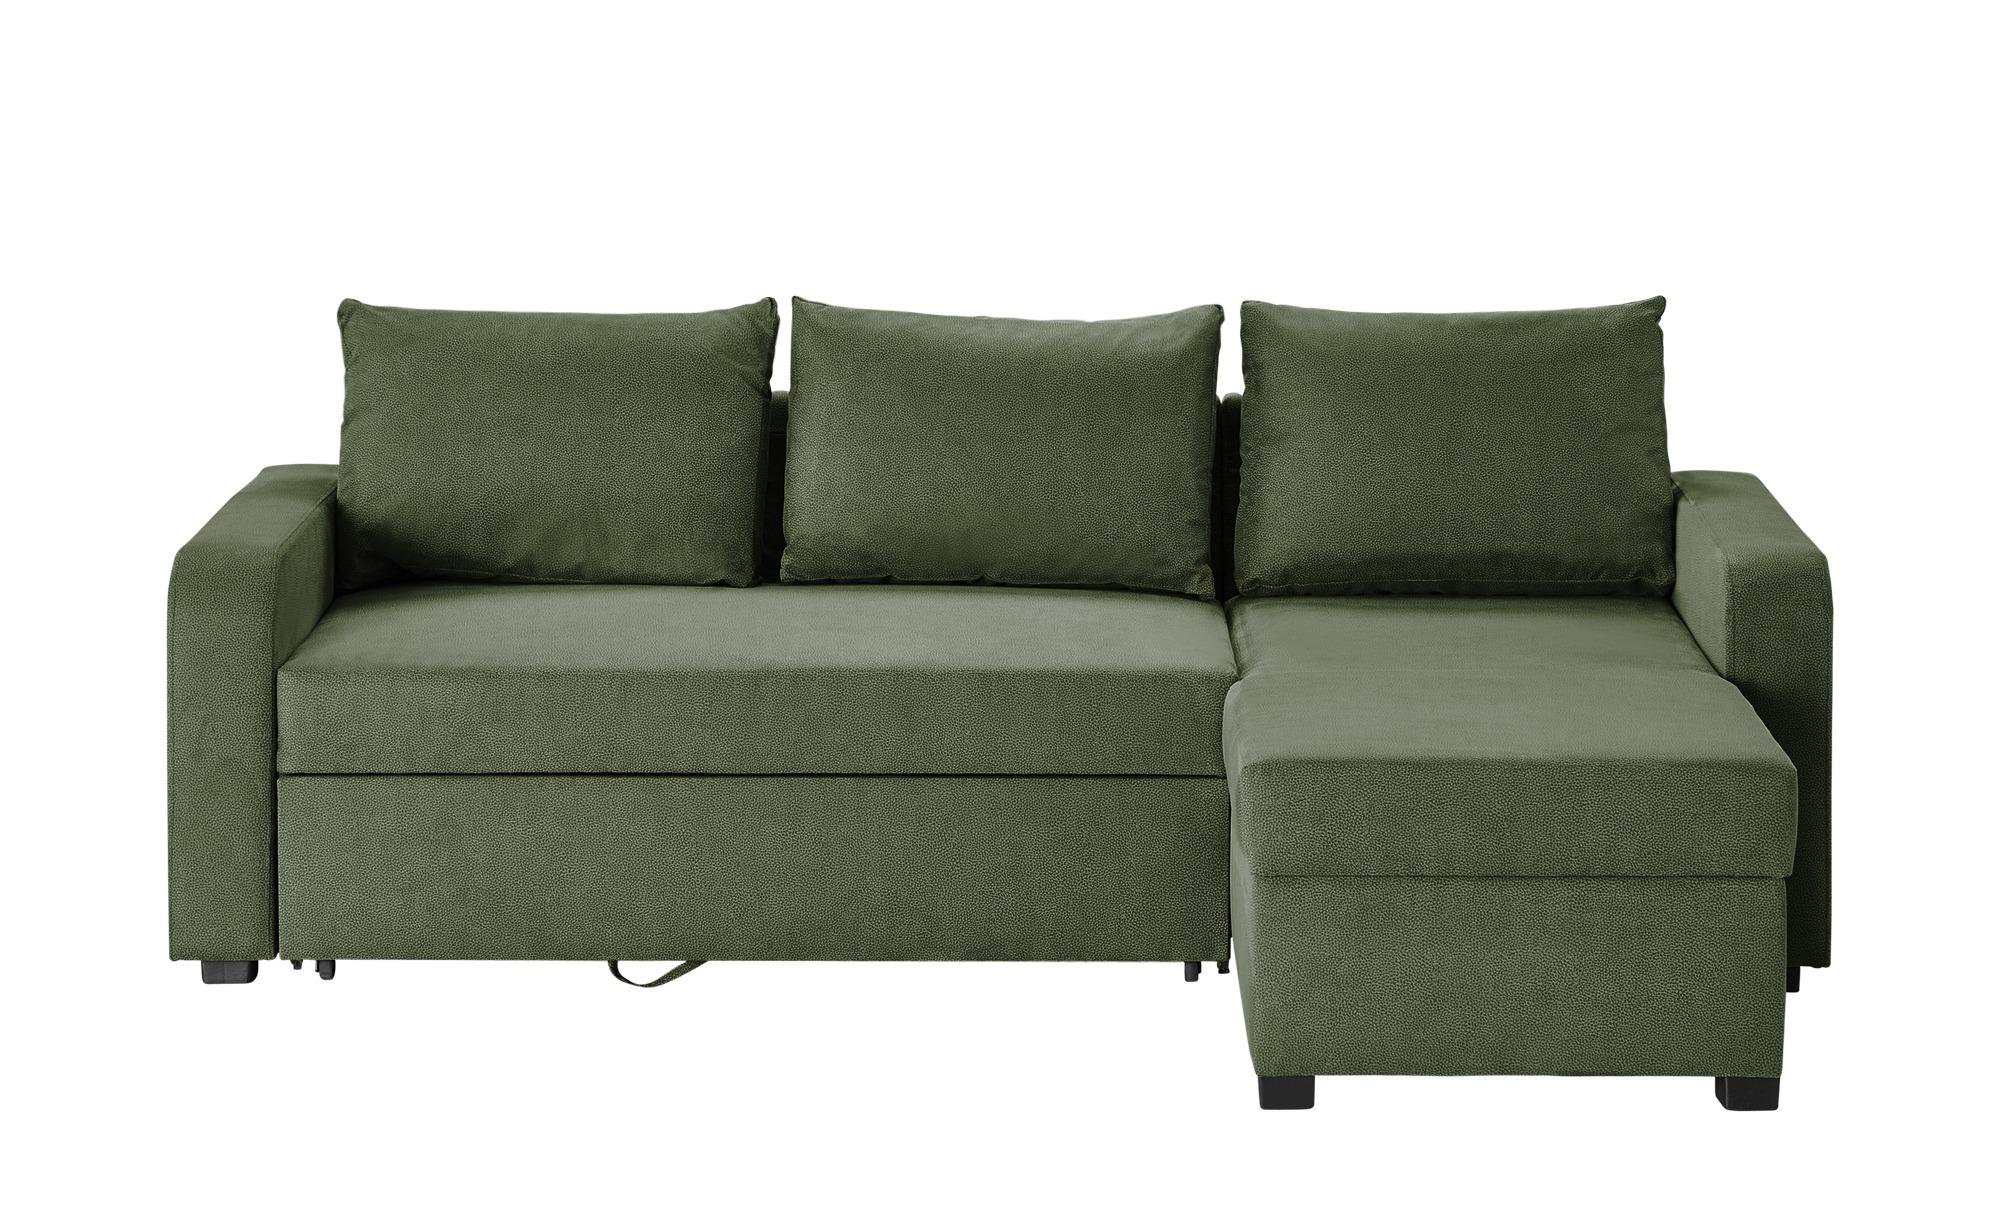 Ecksofa grün - Mikrofaser Cassy ¦ grün ¦ Maße (cm): B: 225 H: 83 T: 152 Polstermöbel > Sofas > Einzelsofas - Höffner